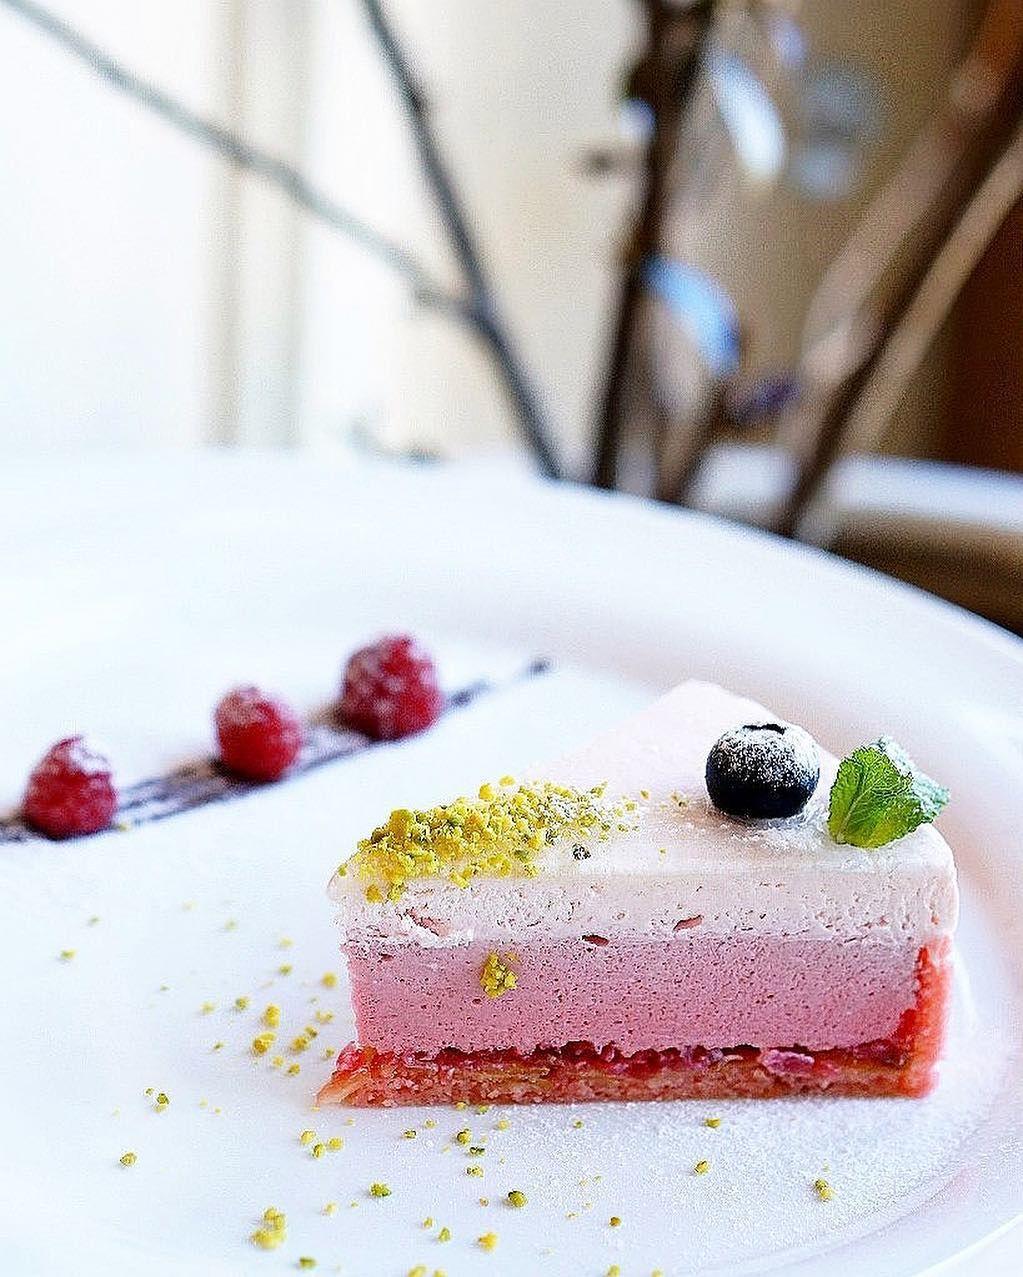 美味しい画像まとめ http://goo.gl/p5aegi #delicious#food#eat#グルメ#料理#美味